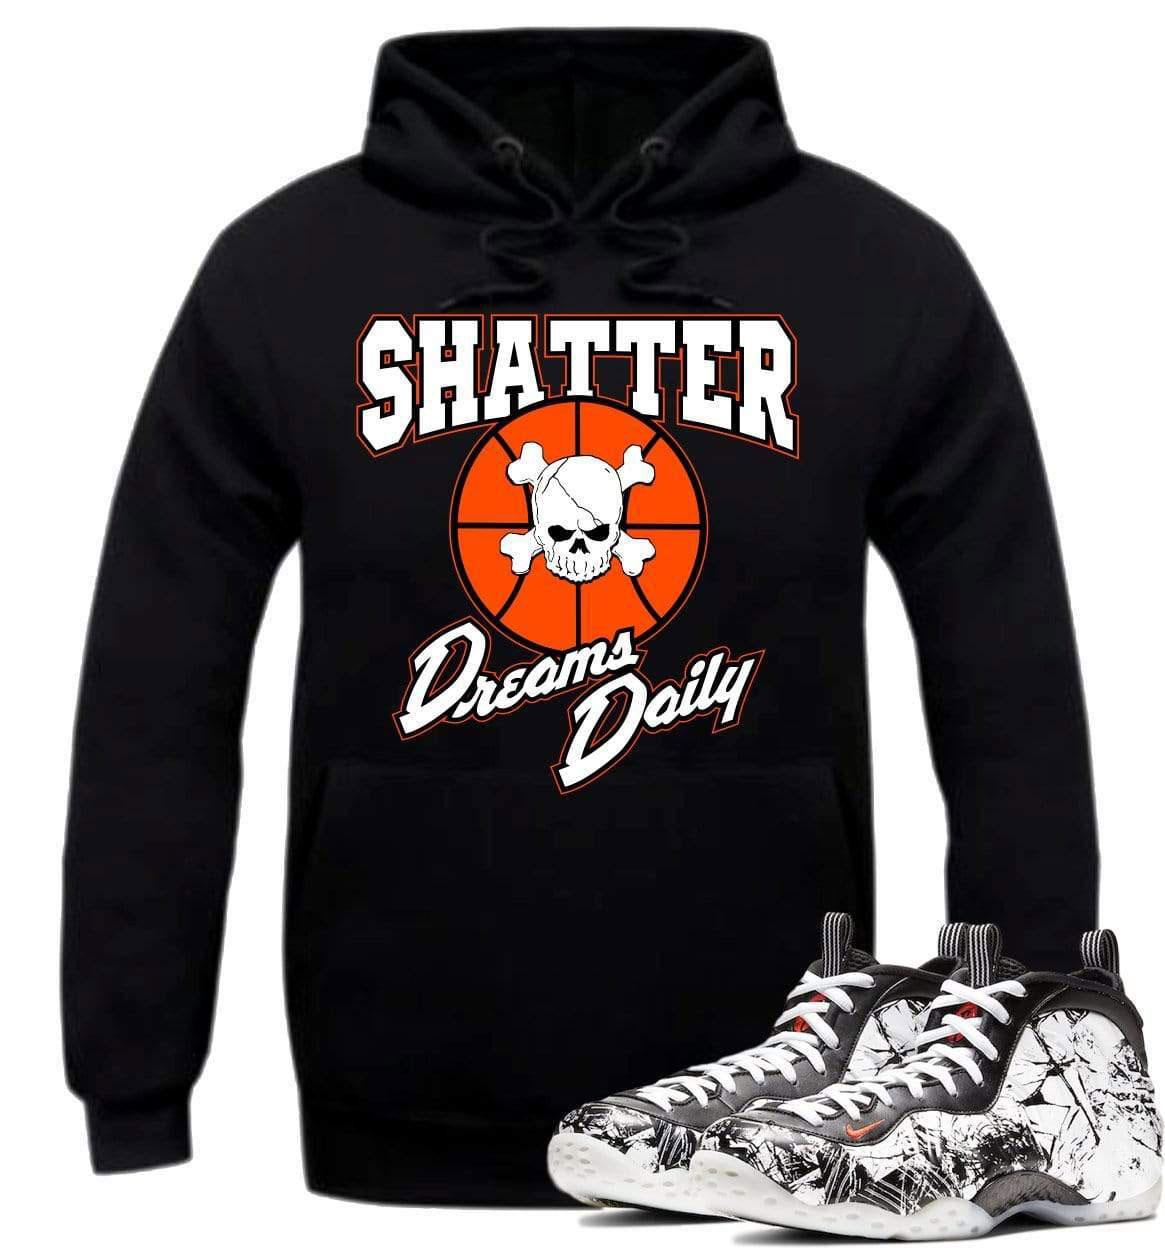 nike-foamposite-shattered-backboard-sneaker-match-hoodie